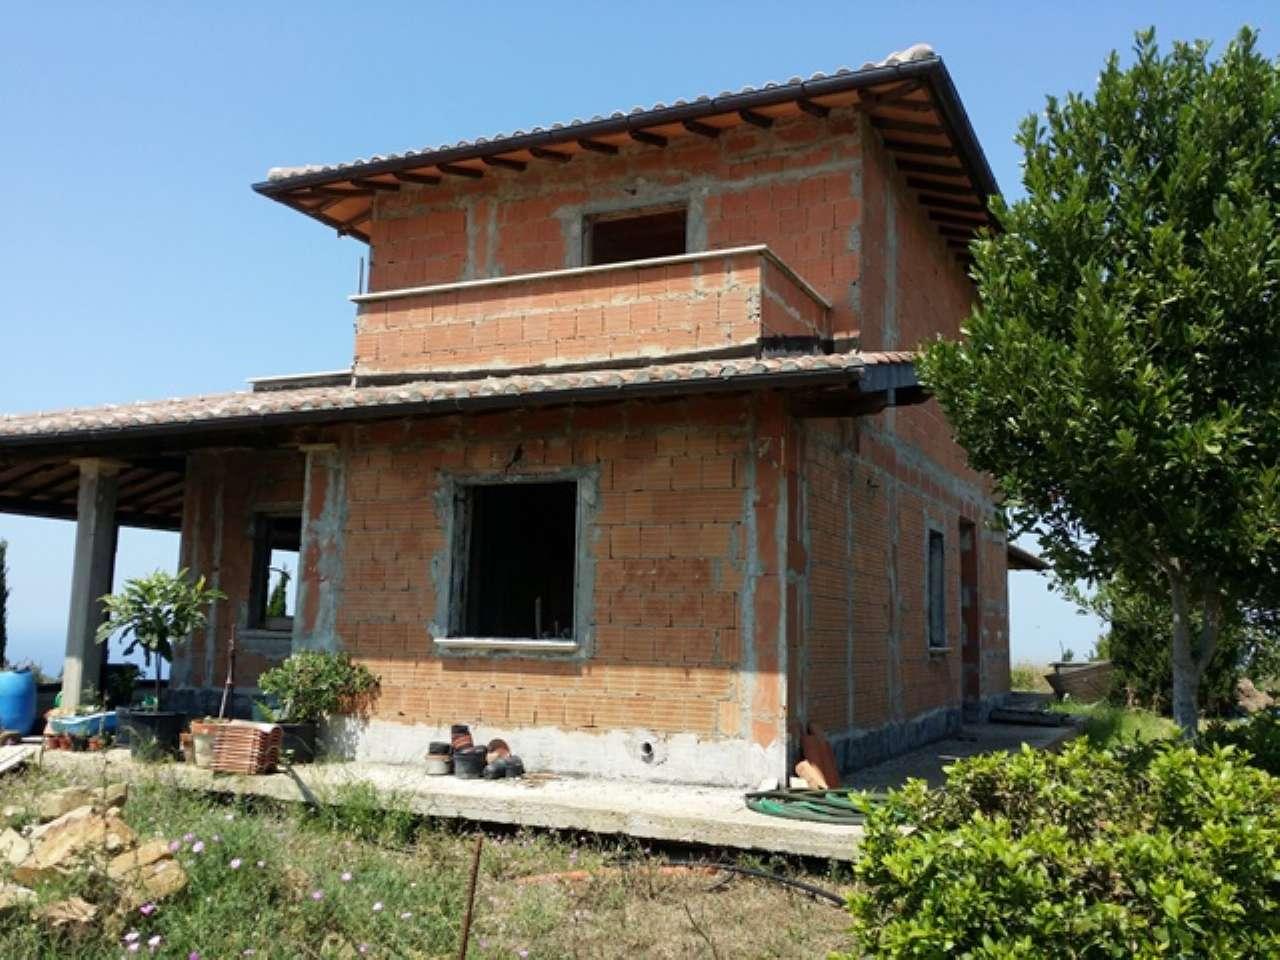 Annunci di case e appartamenti in vendita a santa for Case in vendita santa marinella